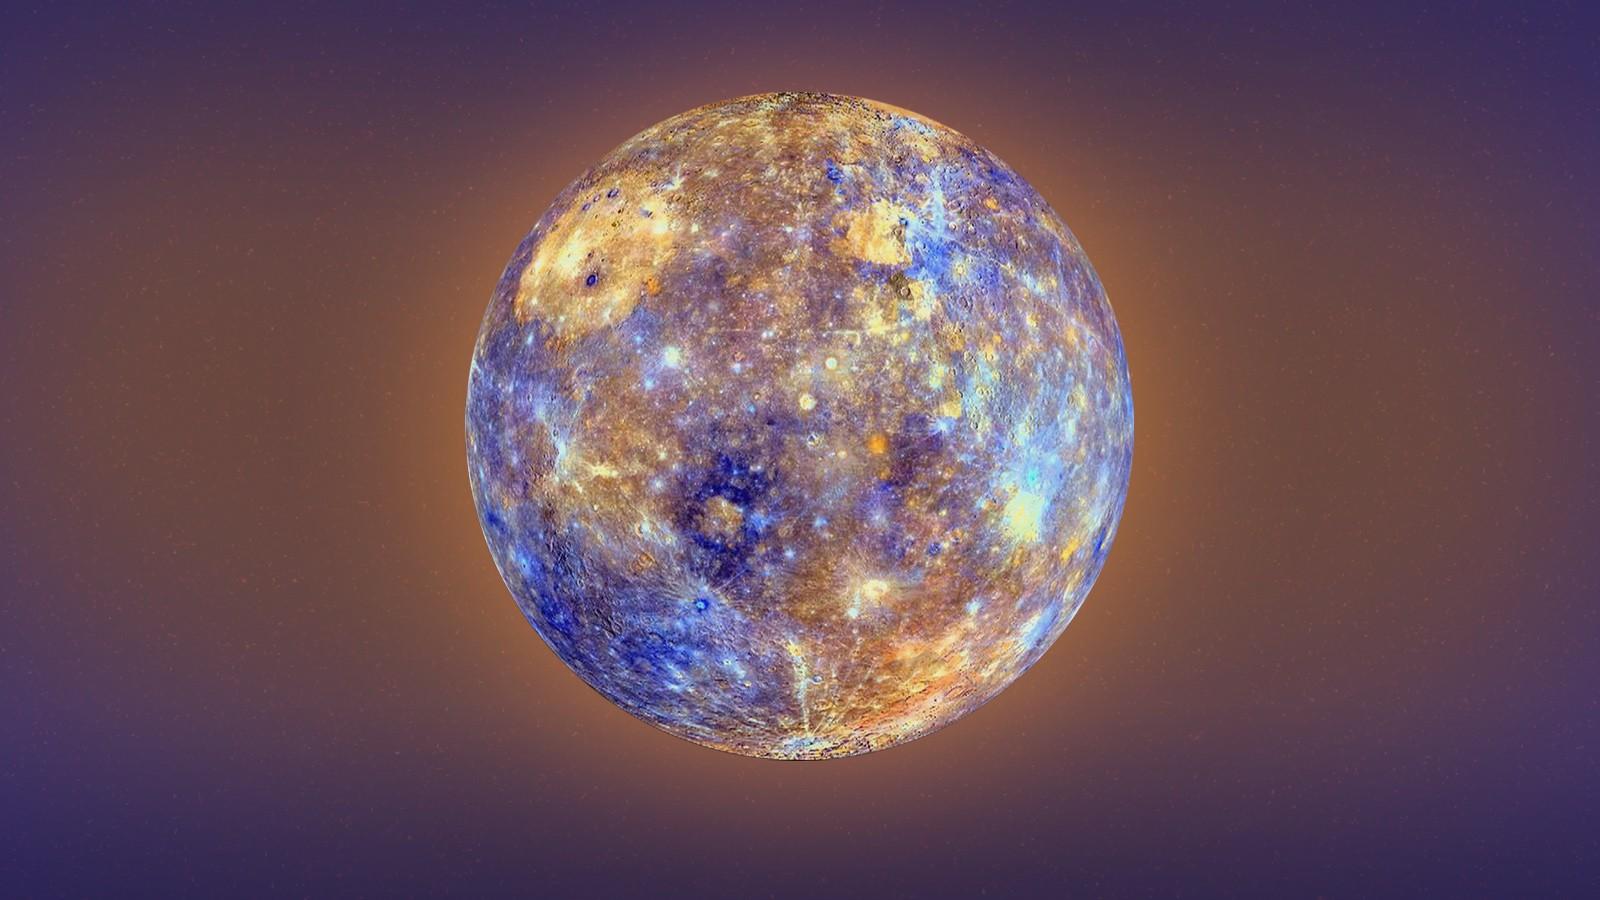 фото меркурий